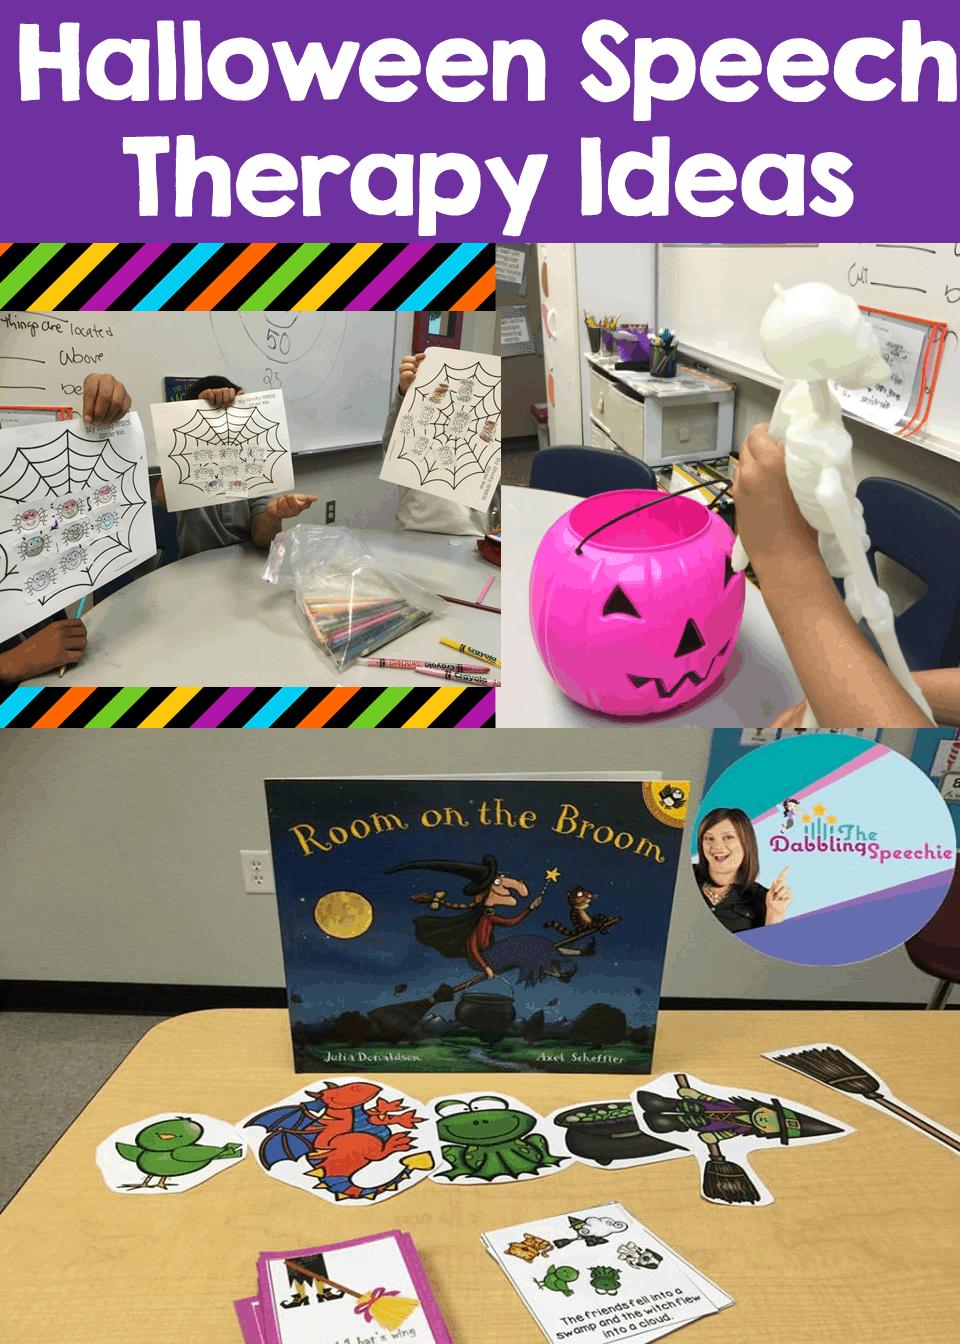 Halloween Speech Therapy Ideas: My Spooky Week of Fun